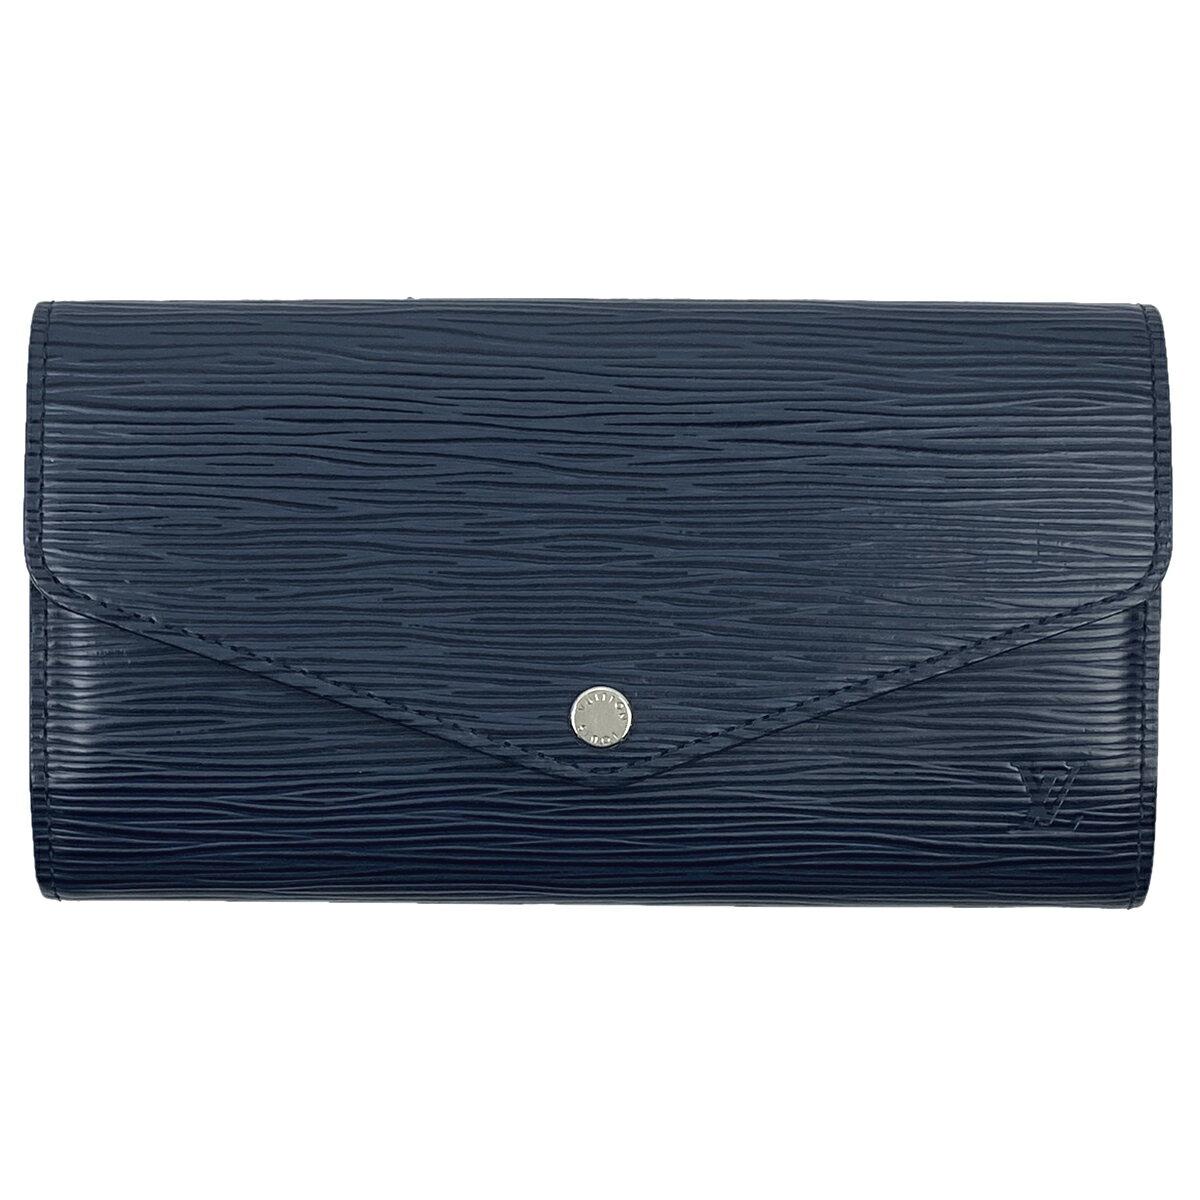 財布・ケース, レディース財布  Louis Vuitton M60585